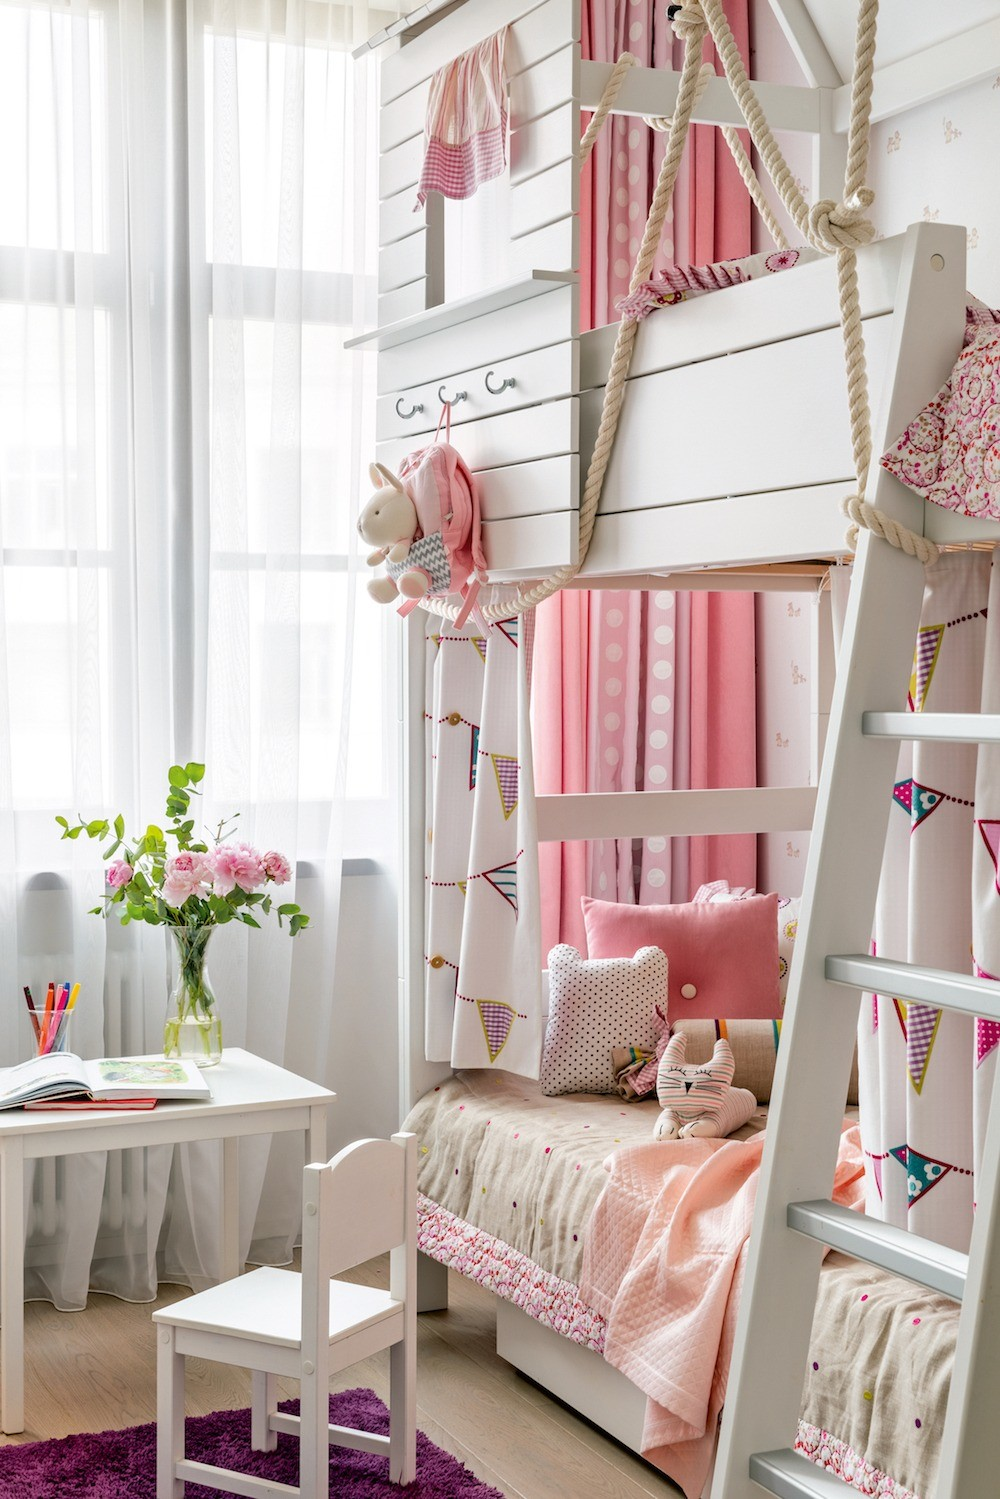 Игровое настроение в детской поддерживает разнообразный текстиль: любовно сшитое покрывало с кантом, разнообразные подизайну подушки и чехлы наних, занавески из нескольких тканей на окн...